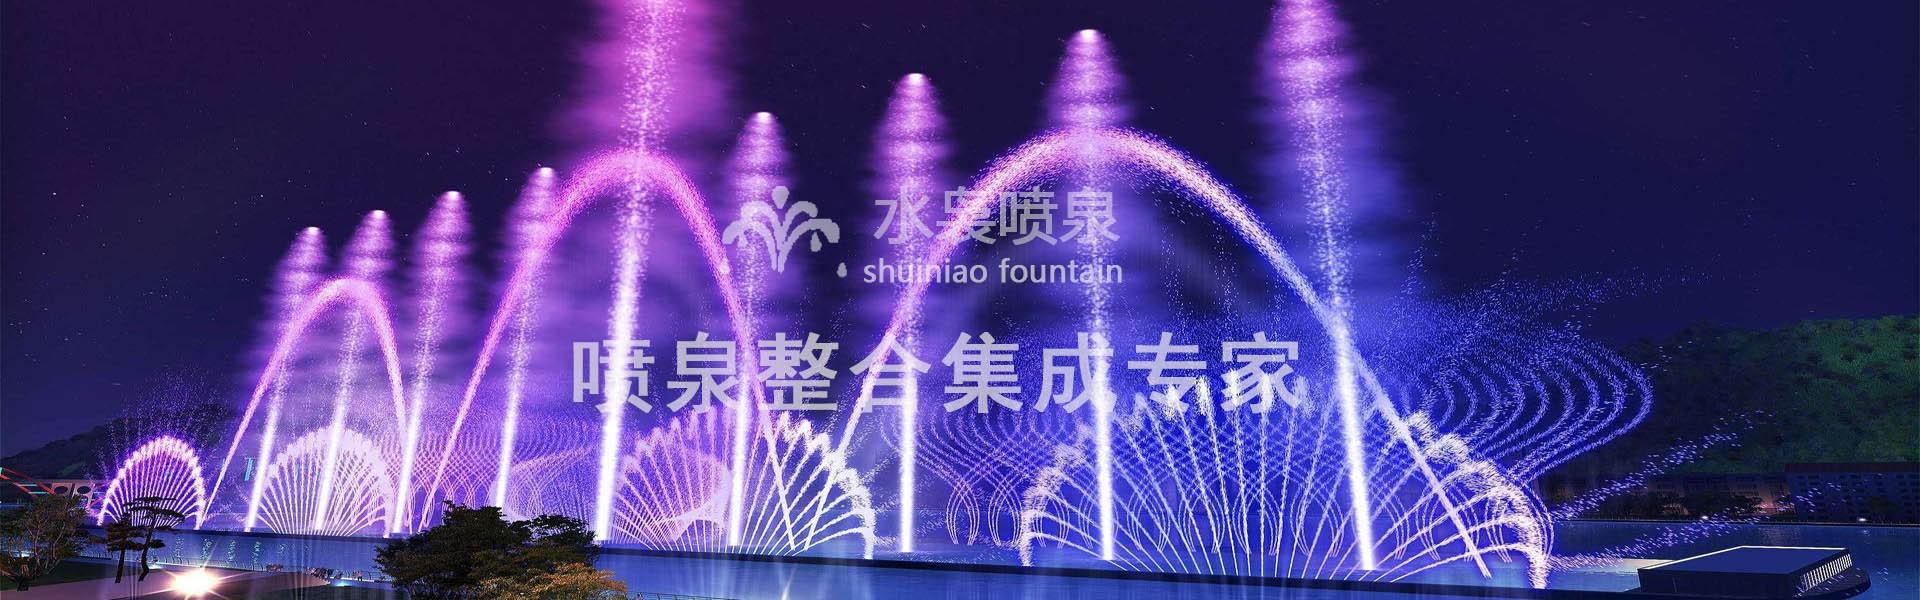 上海程控喷泉维修